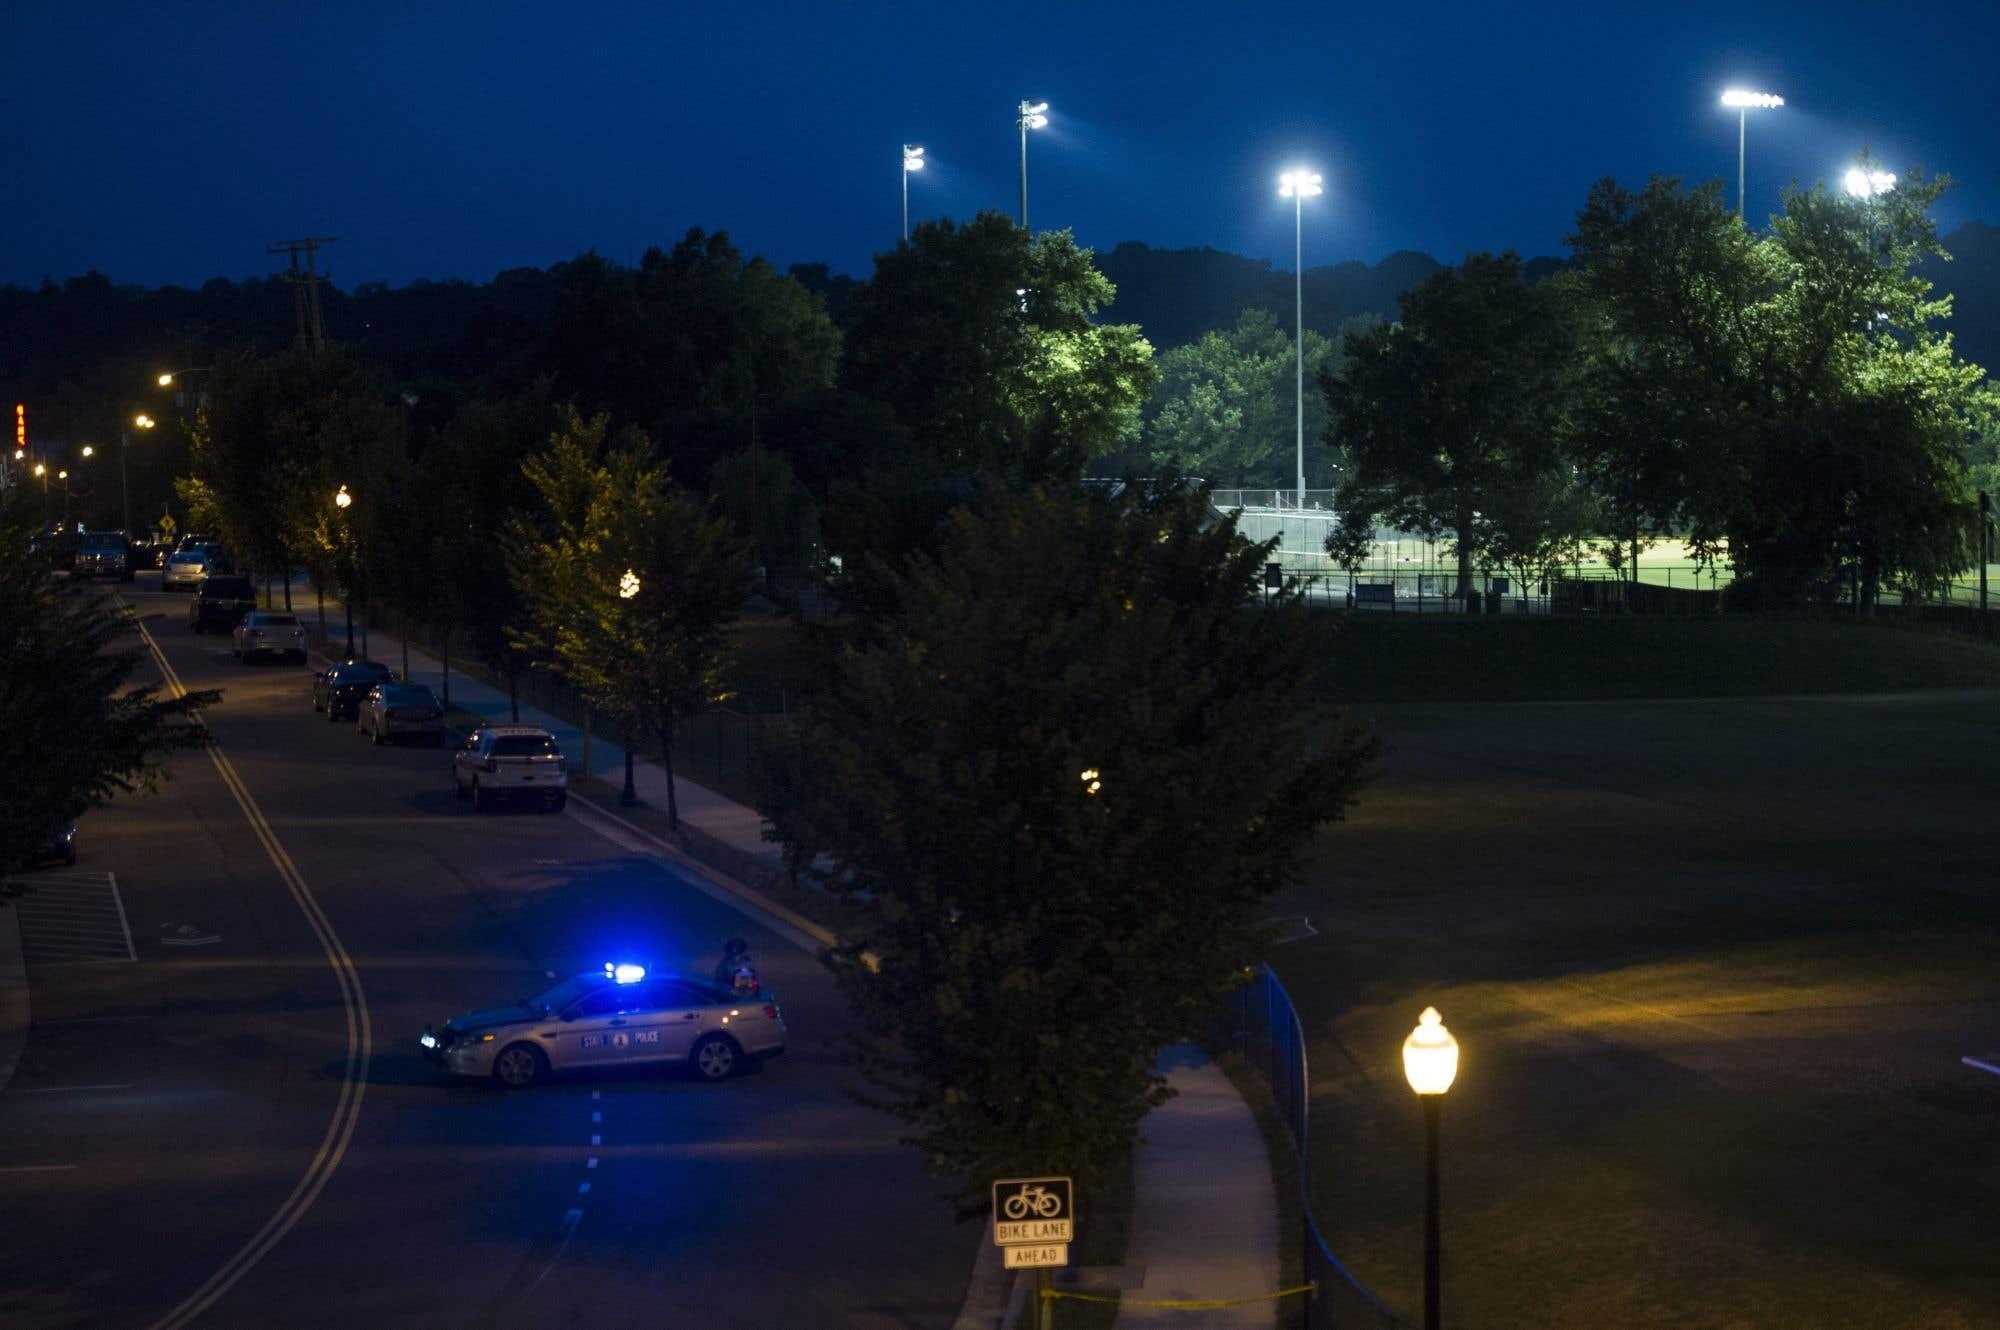 Le terrain de baseball du parc Eugene Simpson à Alexandria est illuminé à la demande des enquêteurs du FBI, qui y cherchent des éléments de preuve. Un assaillant a fait feu mercredi sur des députés républicains participant à une séance d'entraînement de baseball. Le whip républicain Steve Scalise, de la Louisiane, a été blessé lors de l'incident.